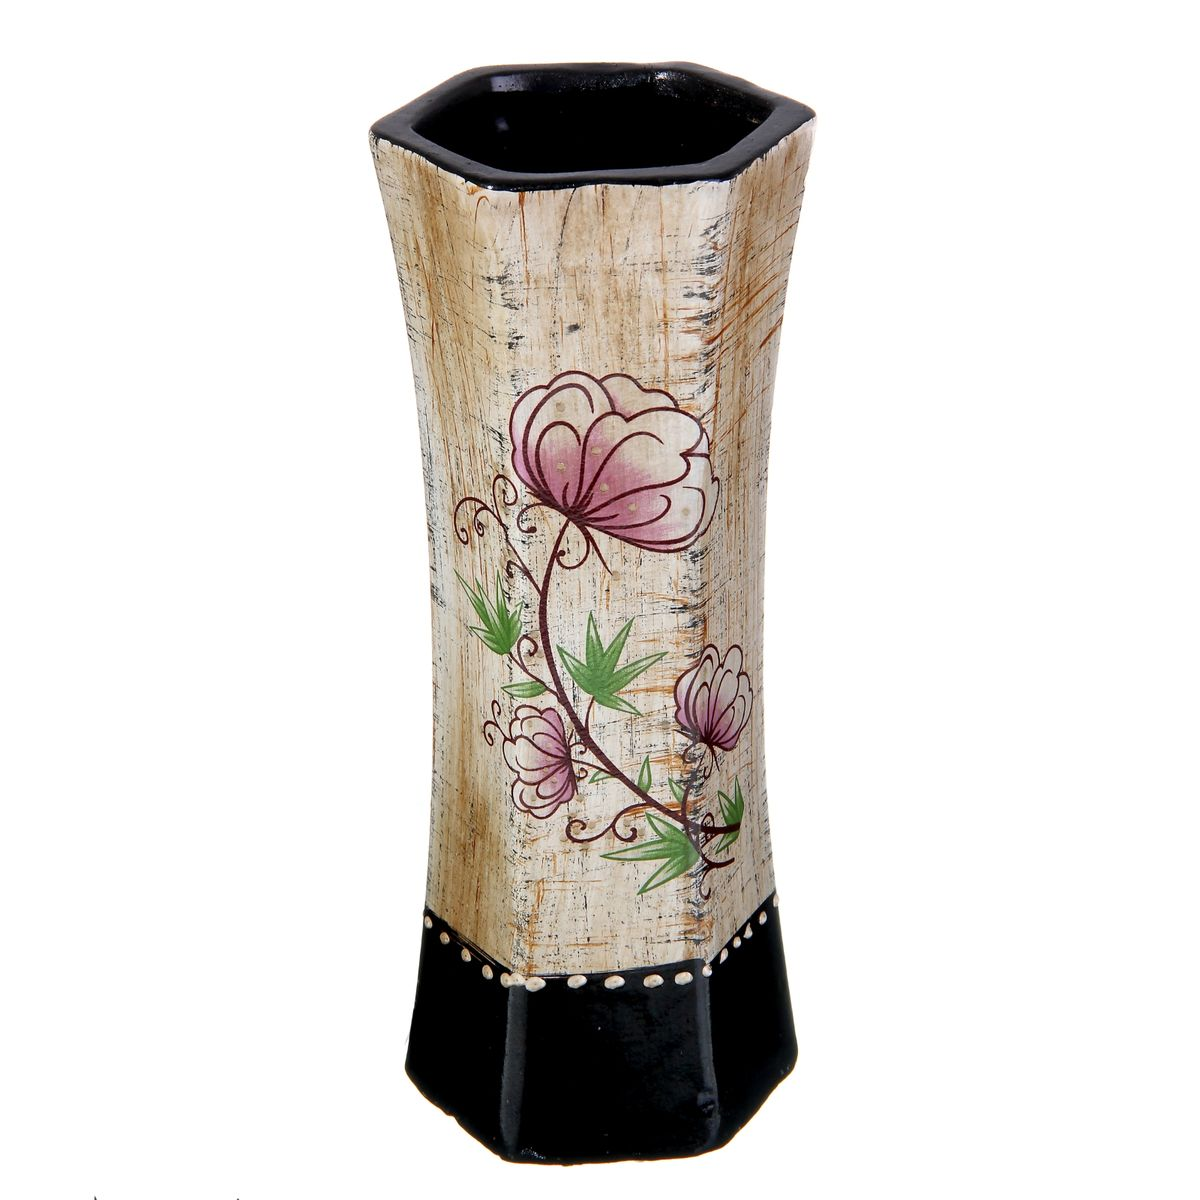 Ваза Sima-land Цветочная, высота 24 см588897Элегантная ваза Sima-land Цветочная, изготовленная из высококачественной керамики, оформлена в благородных древесных оттенках с ярким рисунком. Интересная форма и необычное оформление сделают эту вазу замечательным украшением интерьера. Она предназначена как для живых, так и для искусственных цветов. Любое помещение выглядит незавершенным без правильно расположенных предметов интерьера. Они помогают создать уют, расставить акценты, подчеркнуть достоинства или скрыть недостатки.